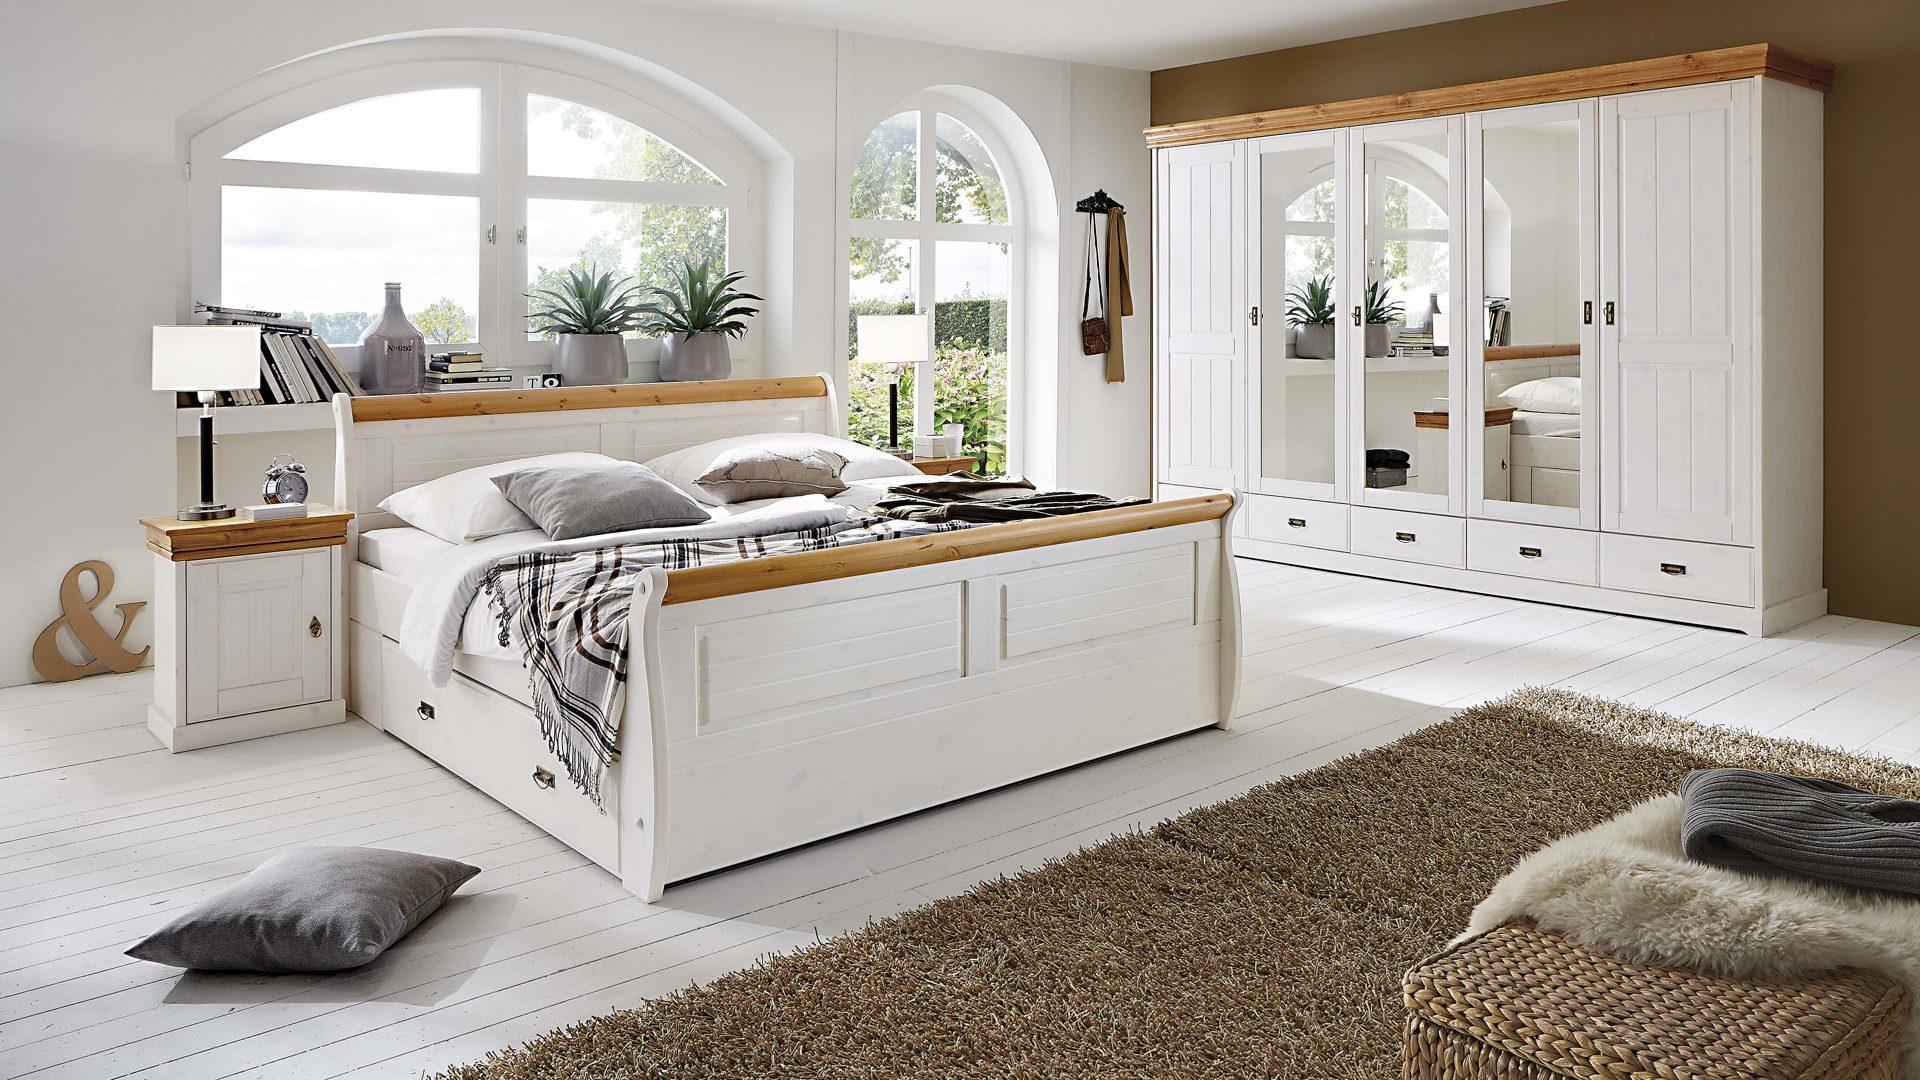 wohnkauf zeller weilburg | 3s frankenmöbel schlafzimmer im ... - Landhaus Schlafzimmer Weiß